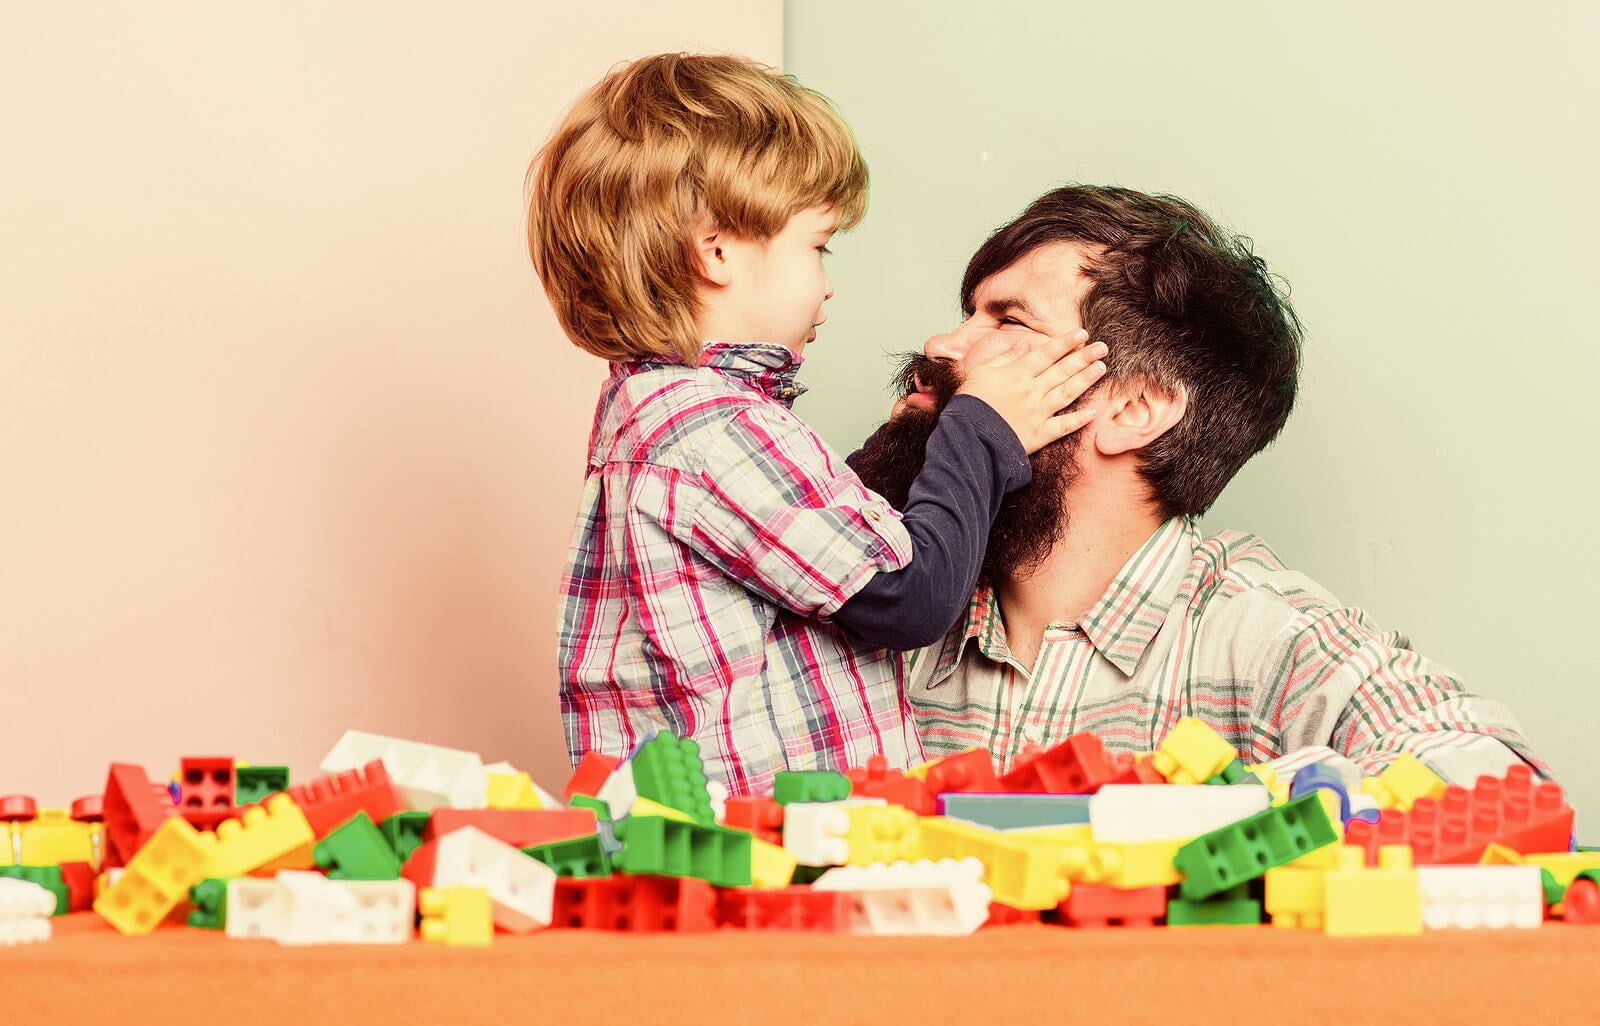 Padre jugando con su hijo.